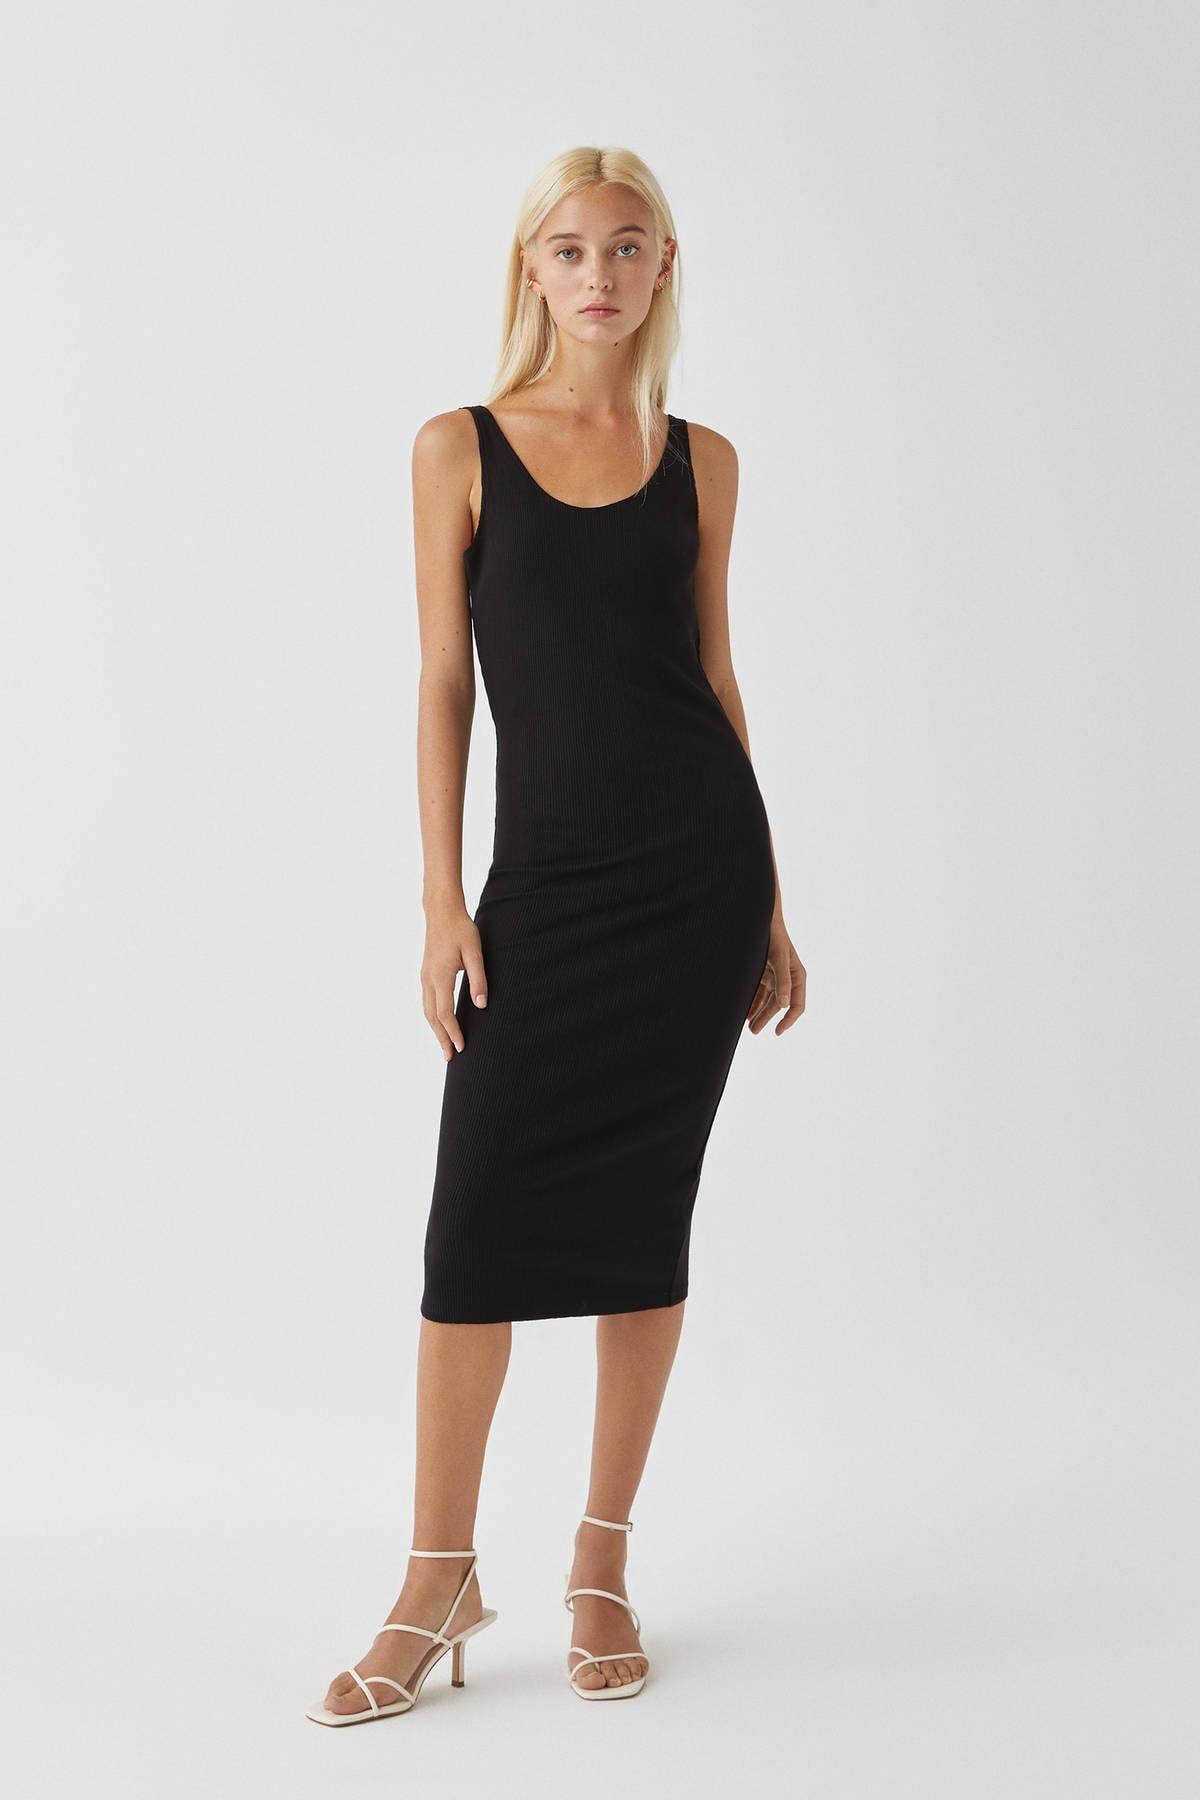 Pull & Bear Kadın Siyah Basic Askılı Midi Elbise 09391305